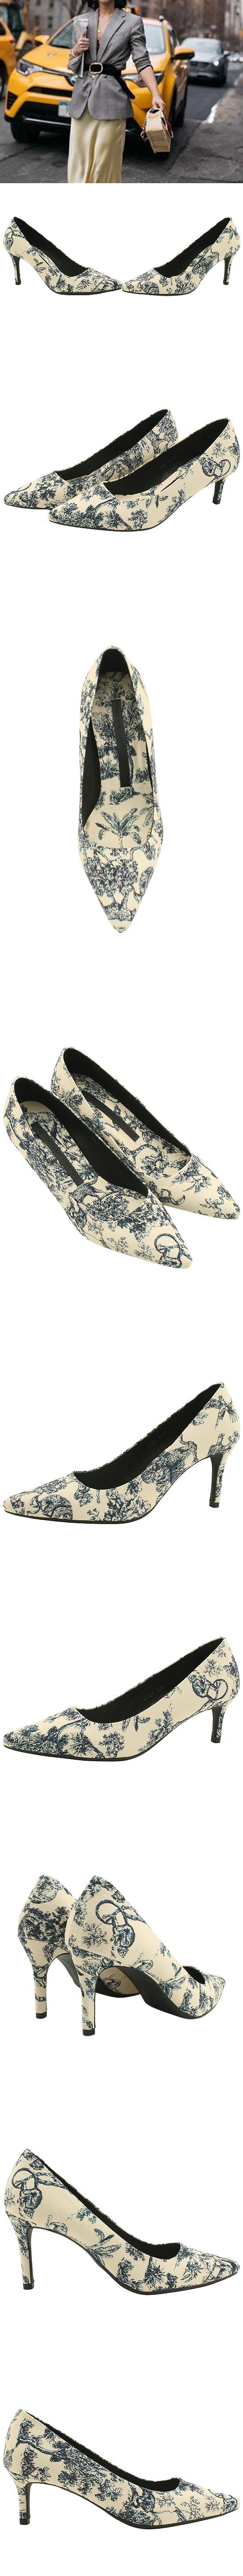 Flower Pattern Stiletto High Heels 6cm 8cm